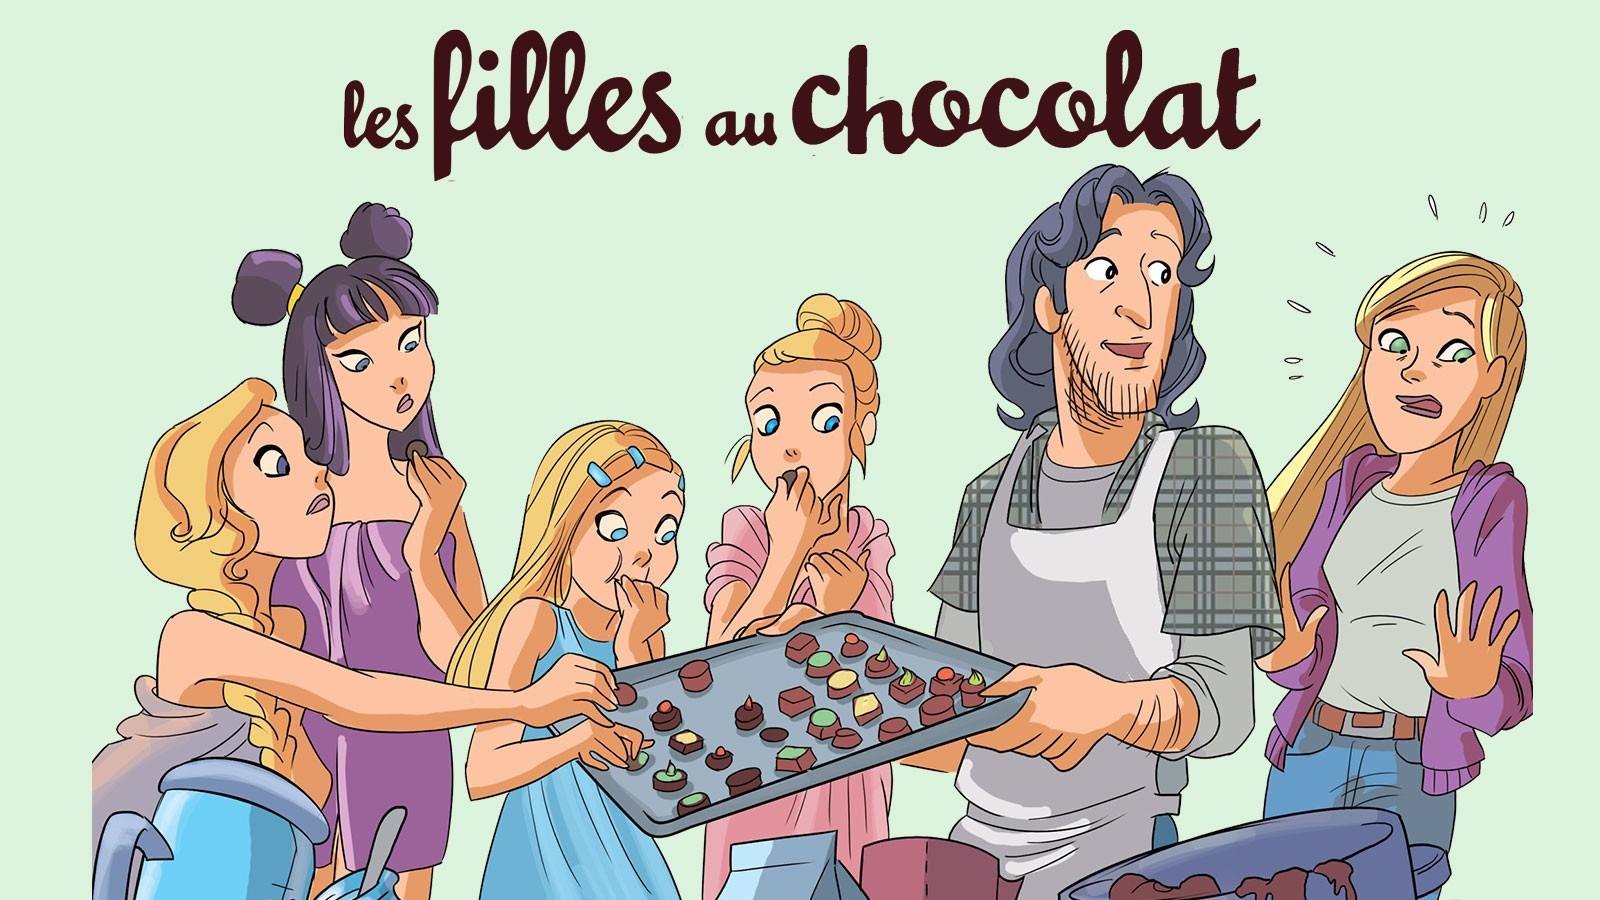 ''Les Filles au chocolat''